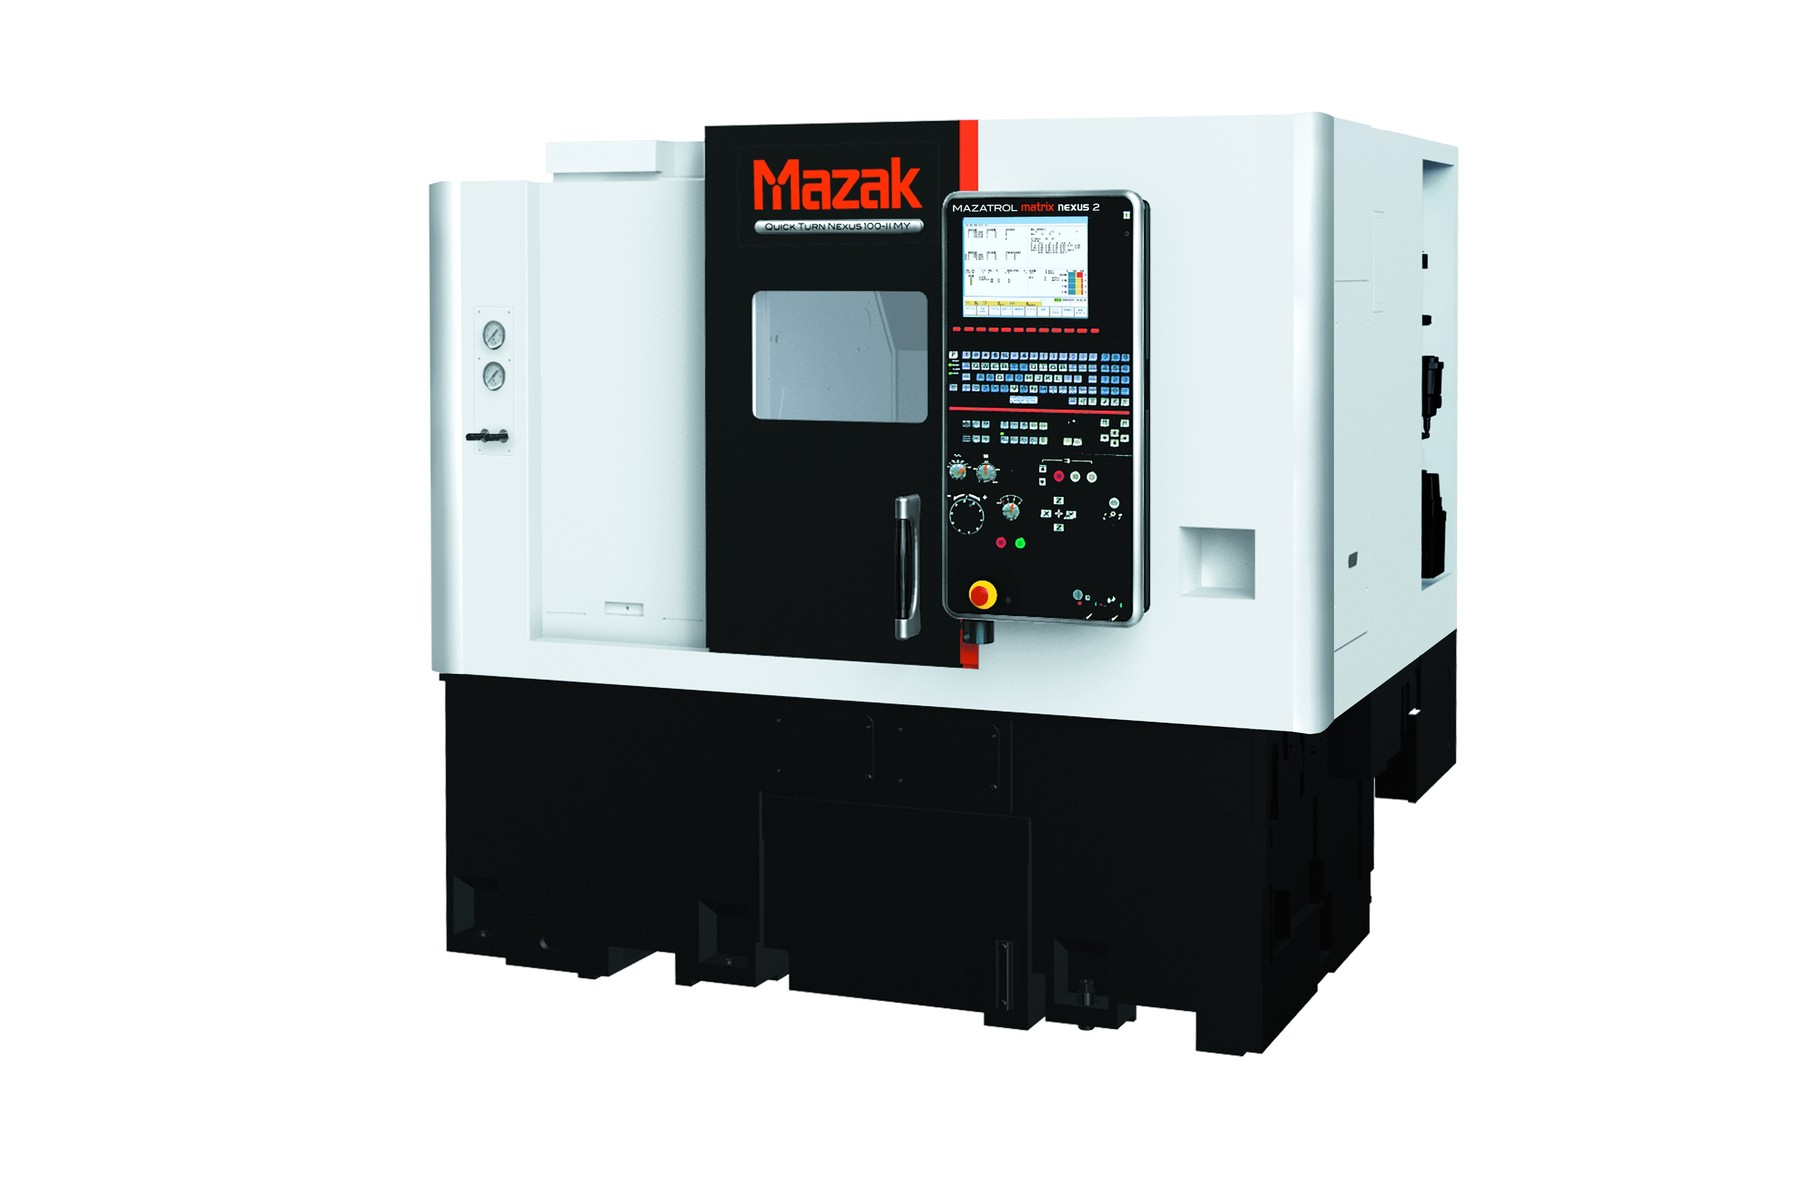 CNC-Drehmaschine mit Gegenspindel und angetriebenen Werkzeugen